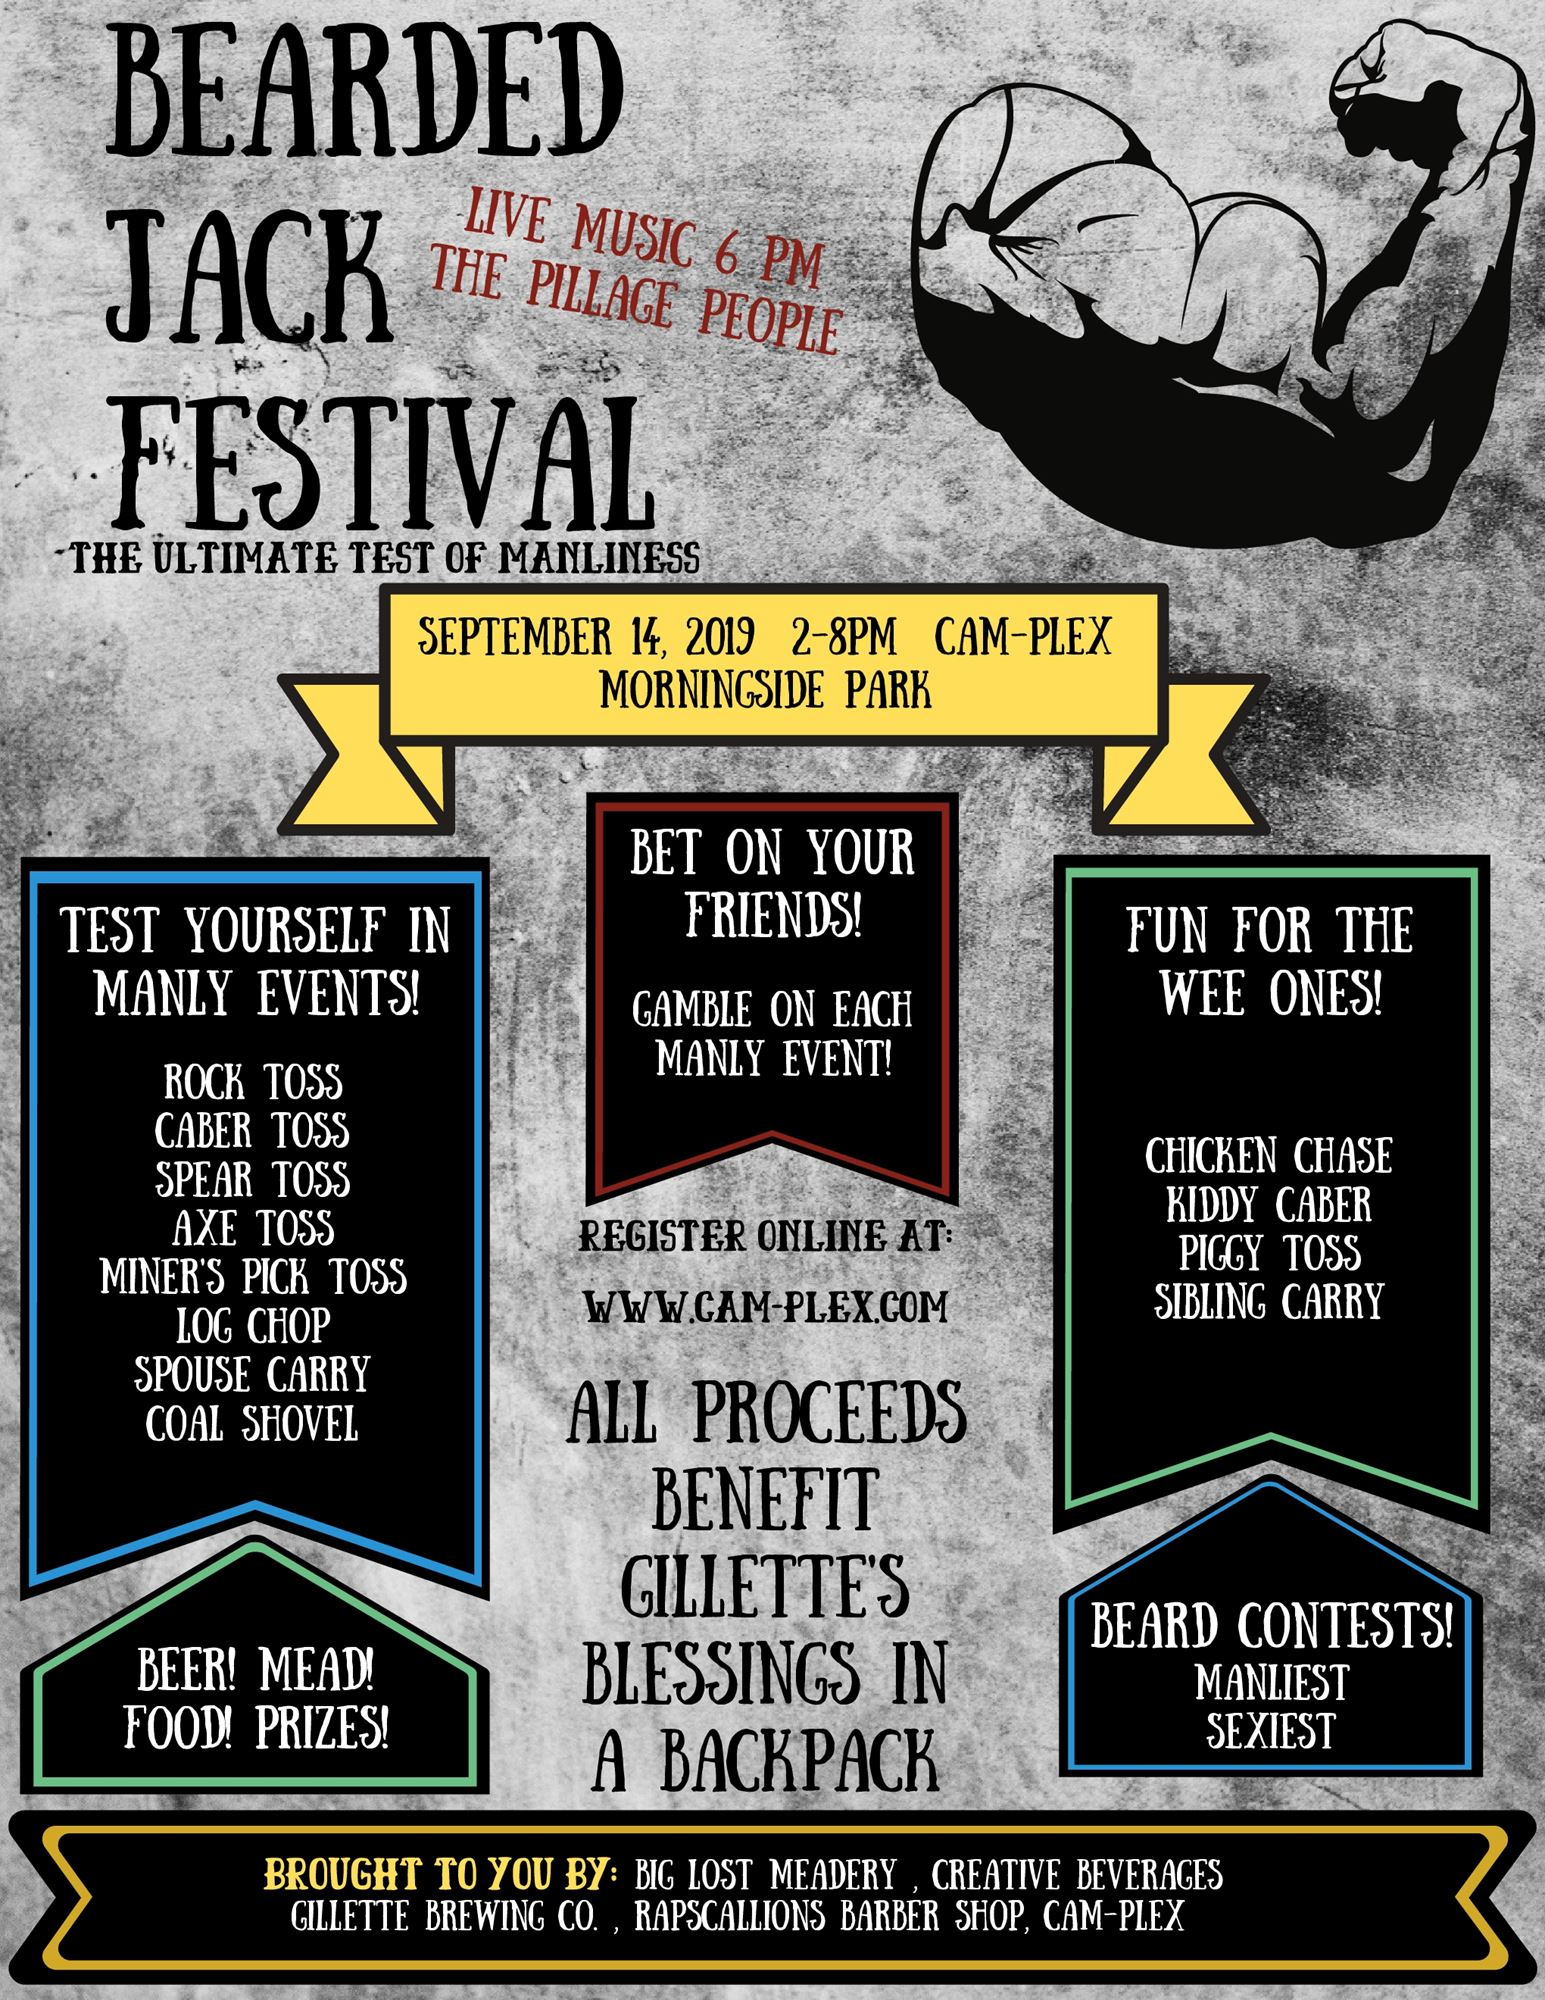 Bearded Jack Festival